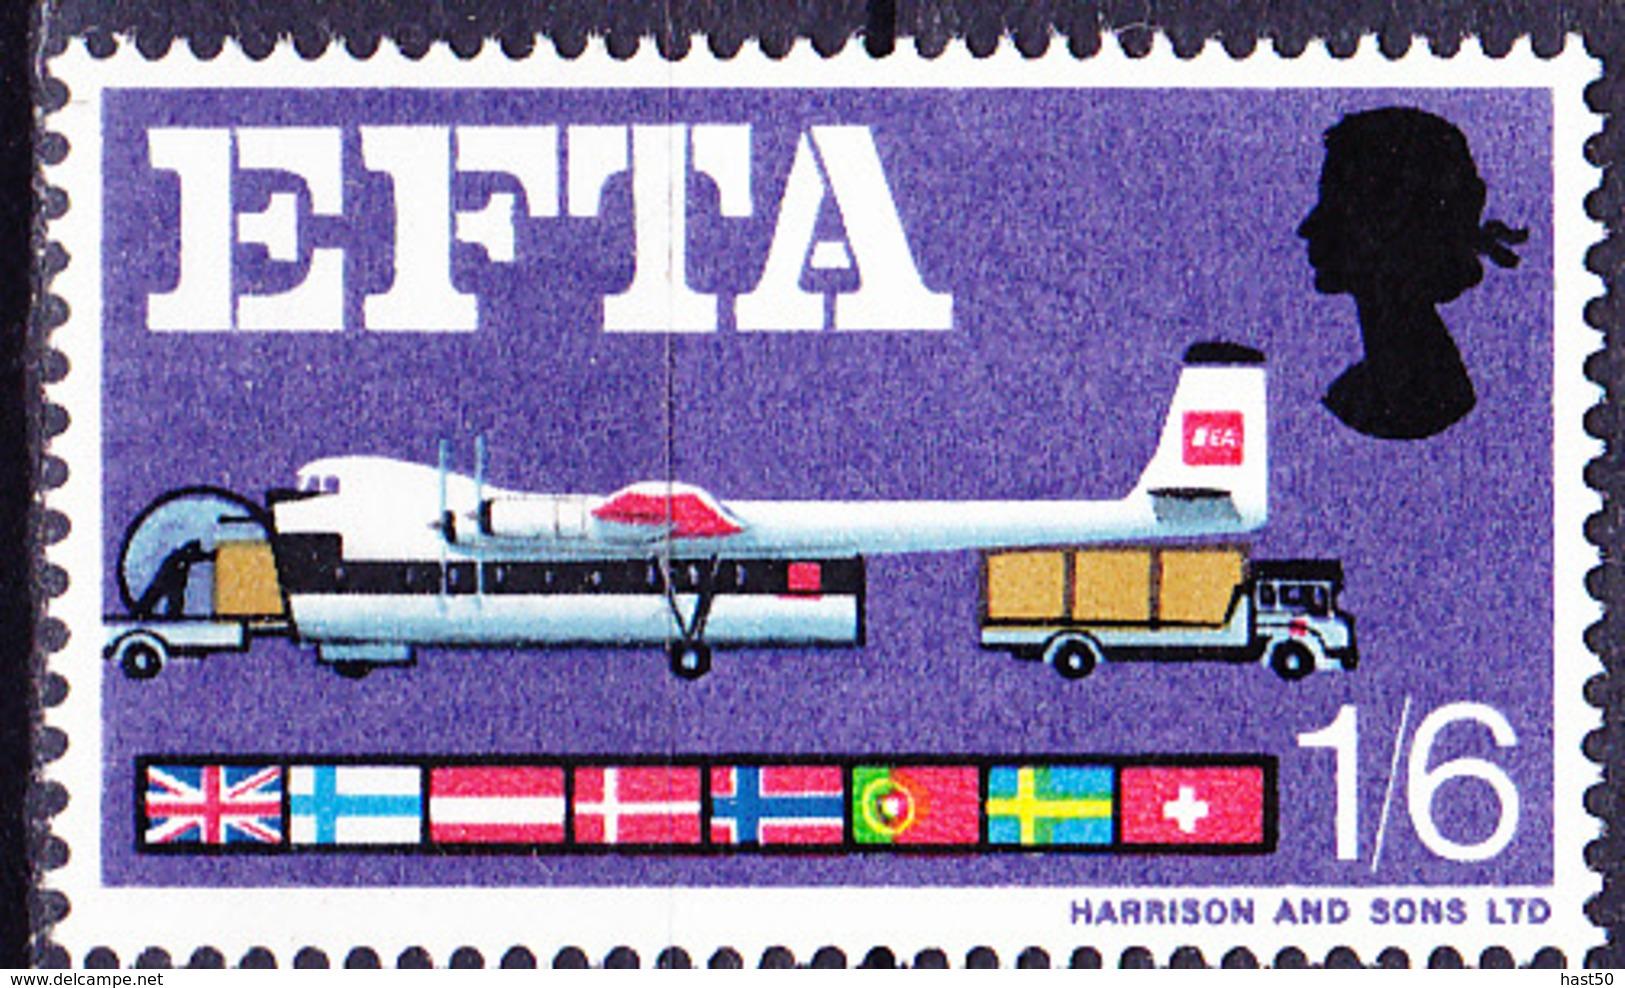 Großbritannien Great Britain Grande-Bretagne - EFTA (MiNr: 445x) 1966 - Postfrisch MNH - Unused Stamps